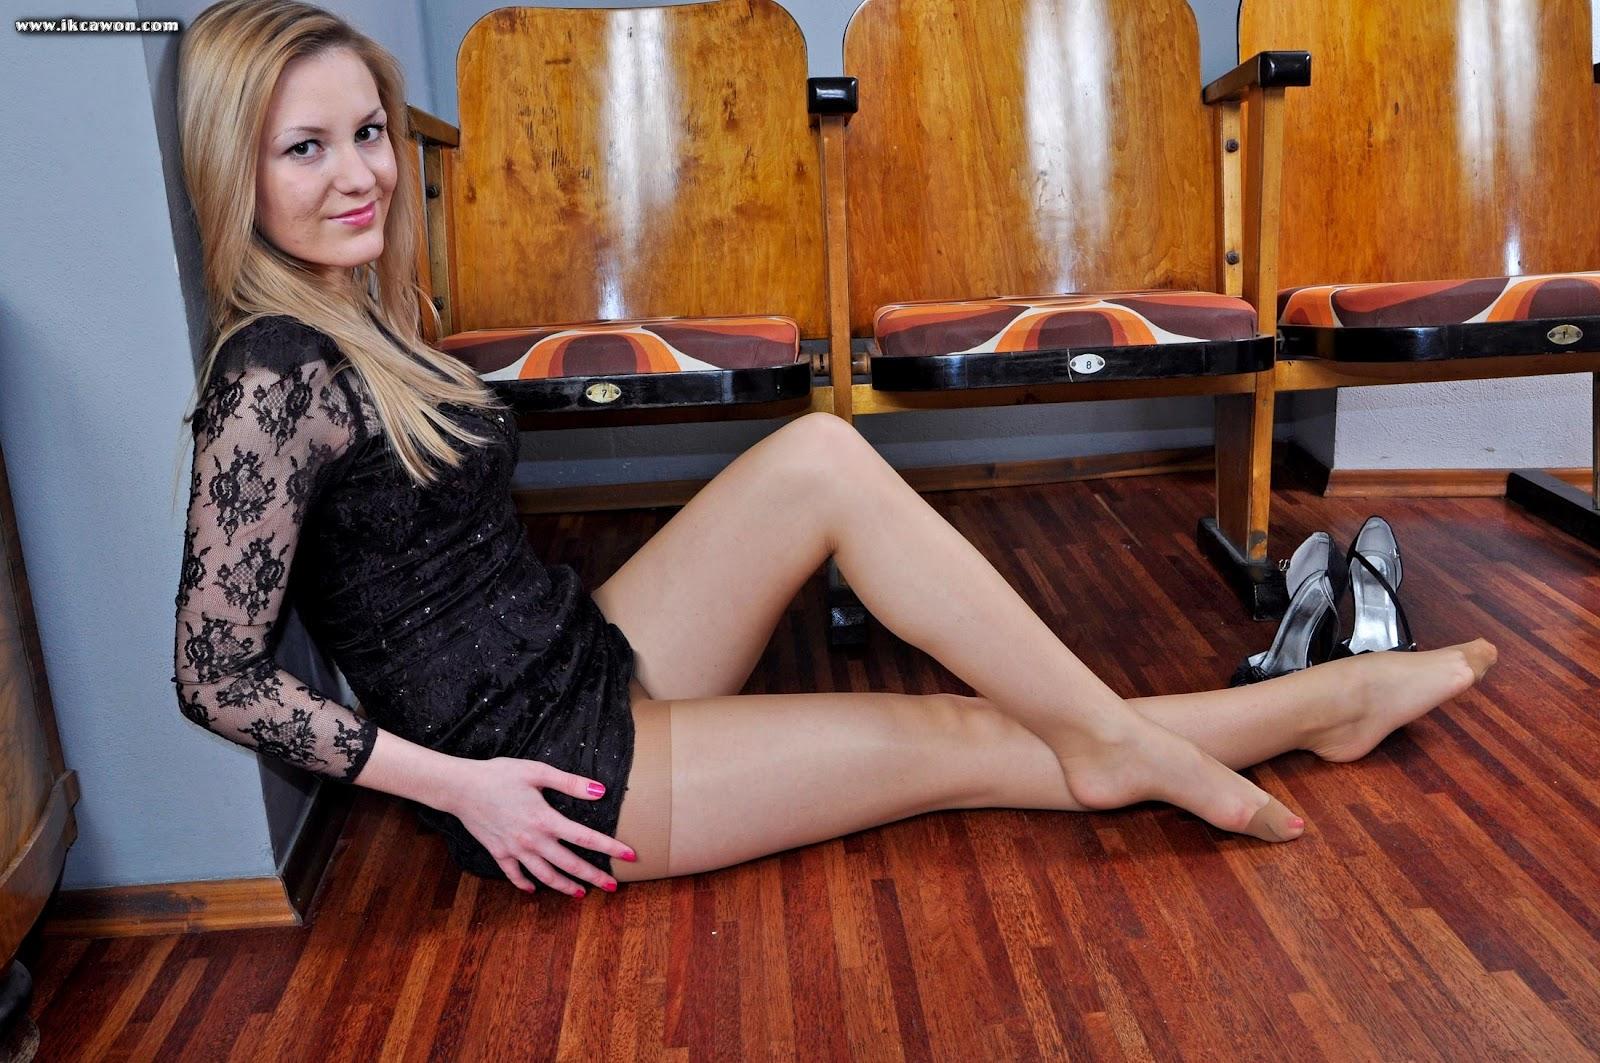 Trish stratus nude